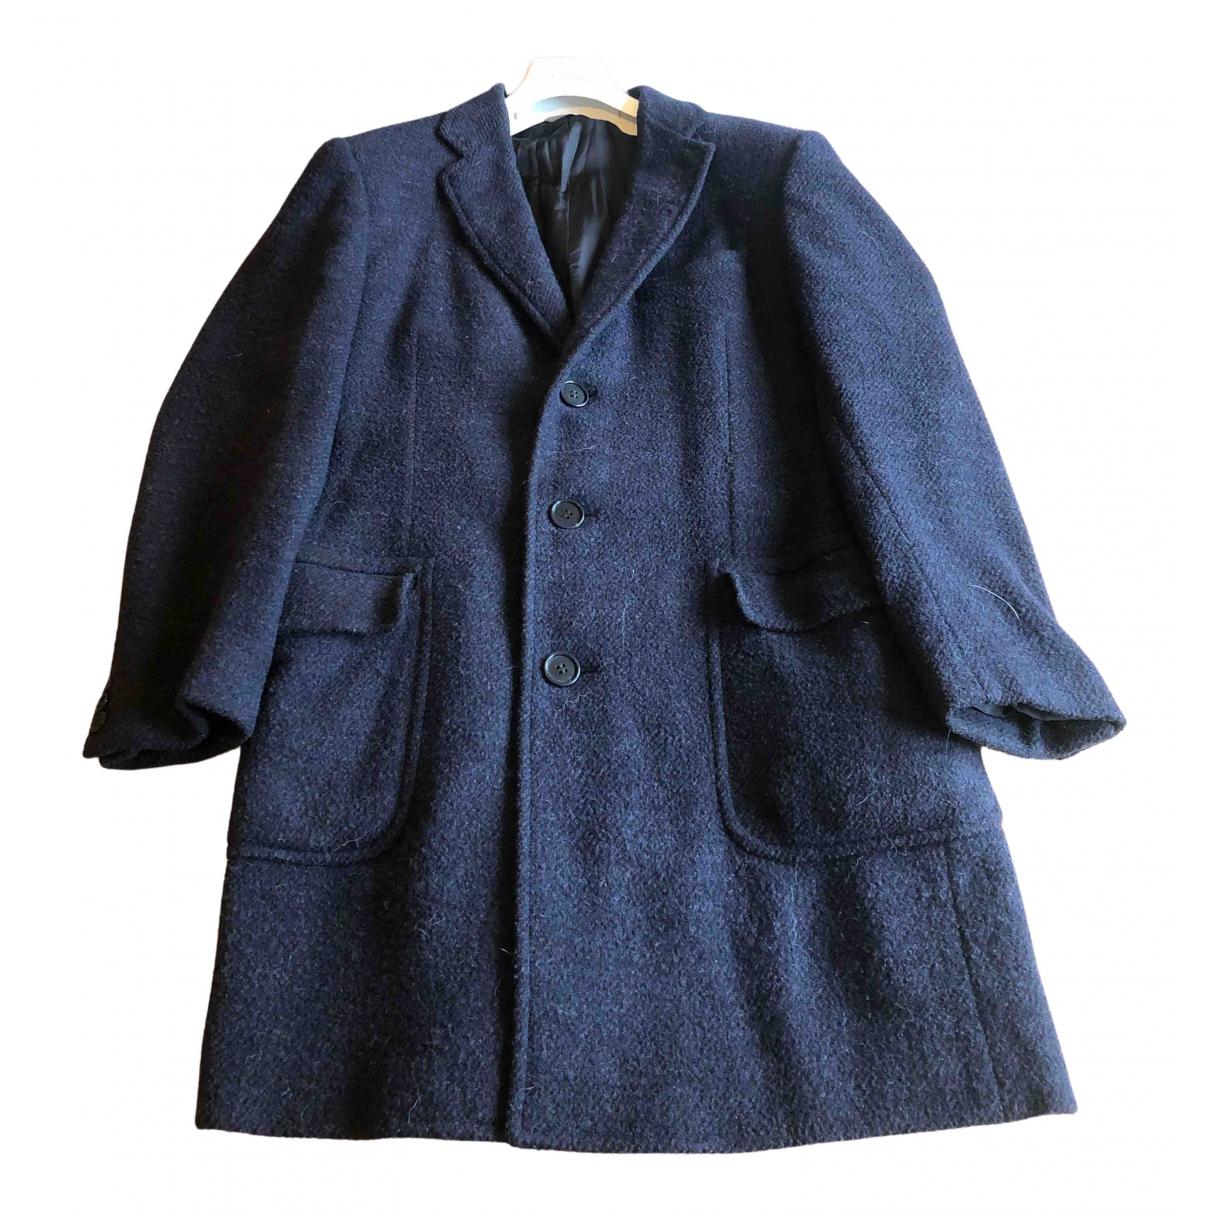 Canali - Manteau   pour homme en laine - marine